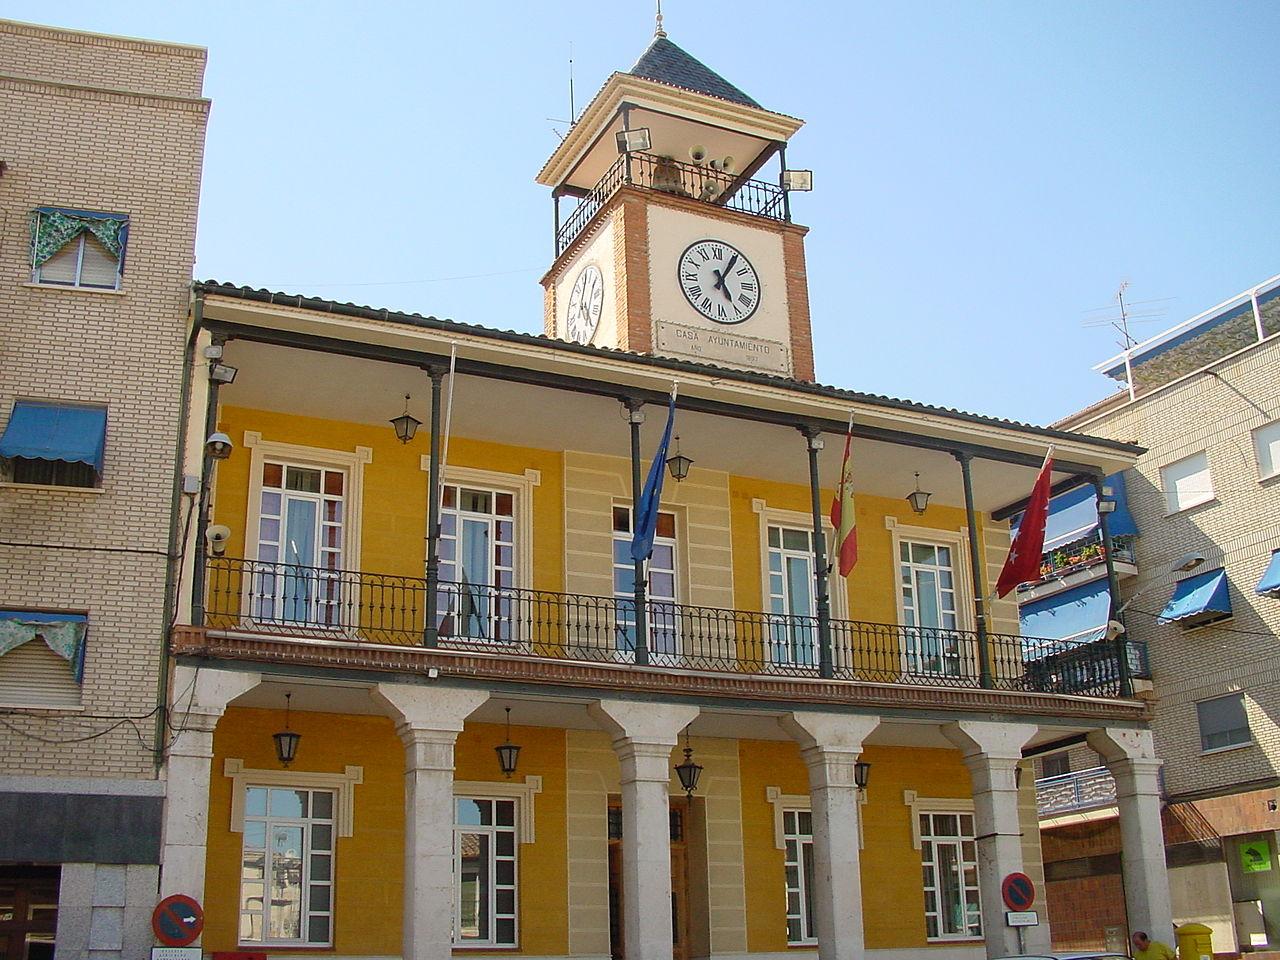 Fotos 360 Plaza del ayuntamiento de Morata de Tajuña. #VidePan por #Madrid